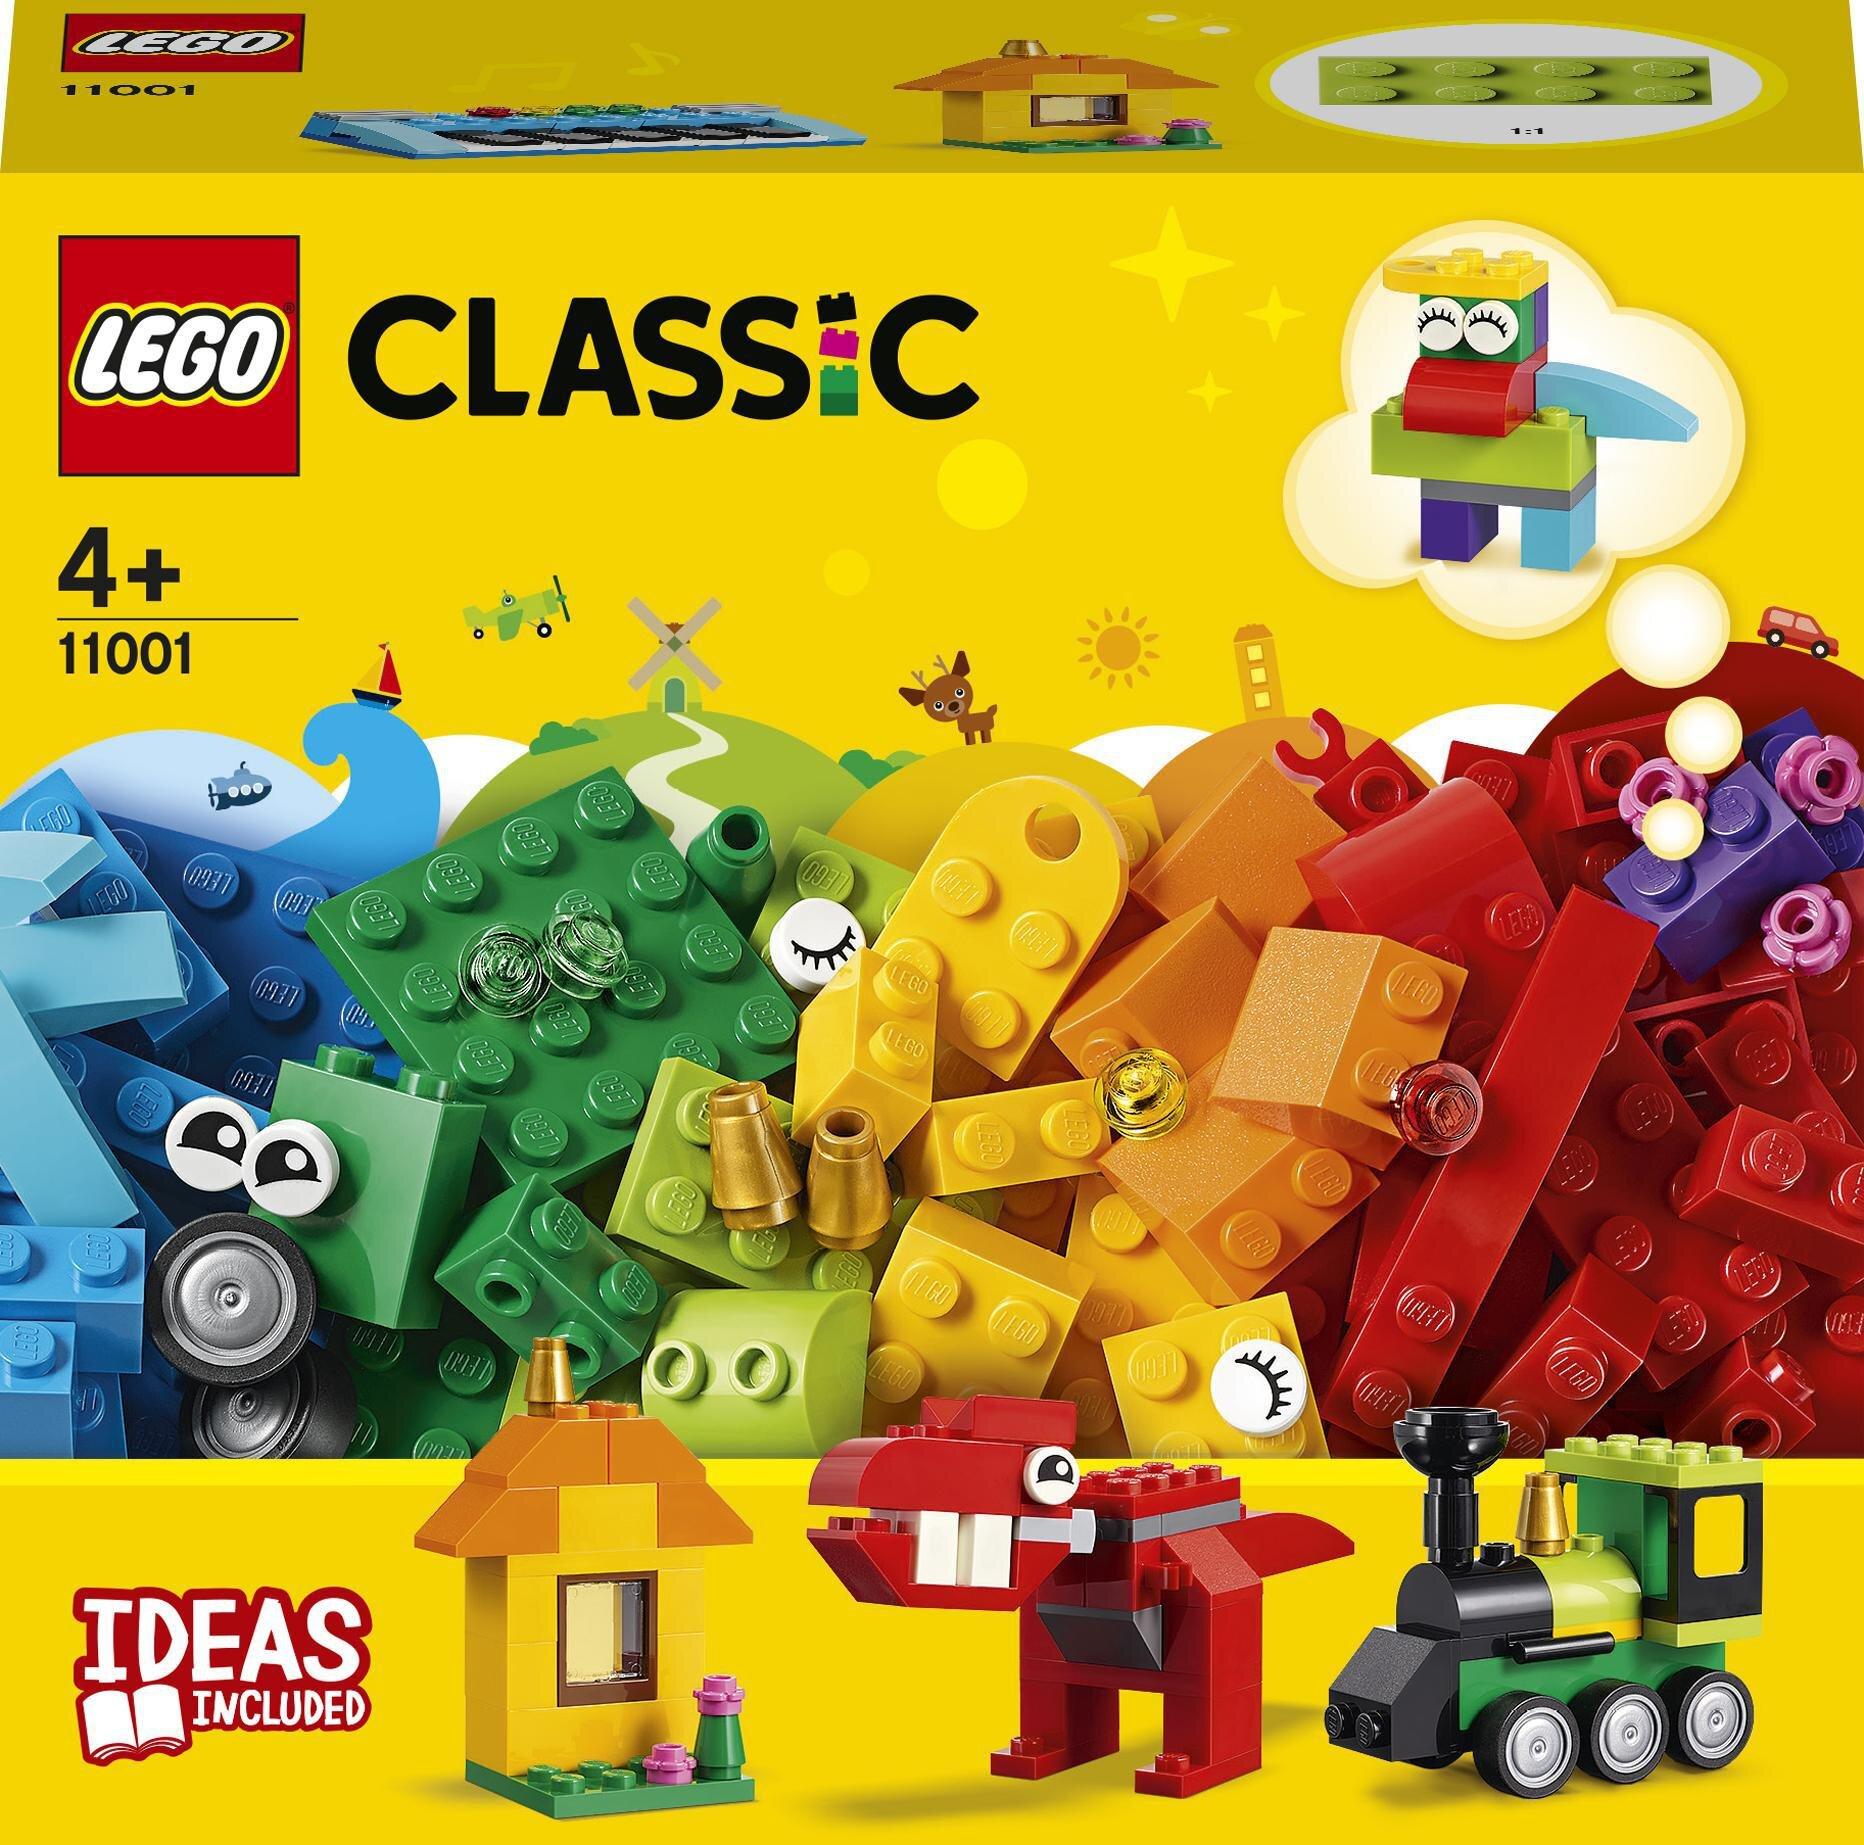 11001 LEGO® Classic Kaladėlės ir idėjos